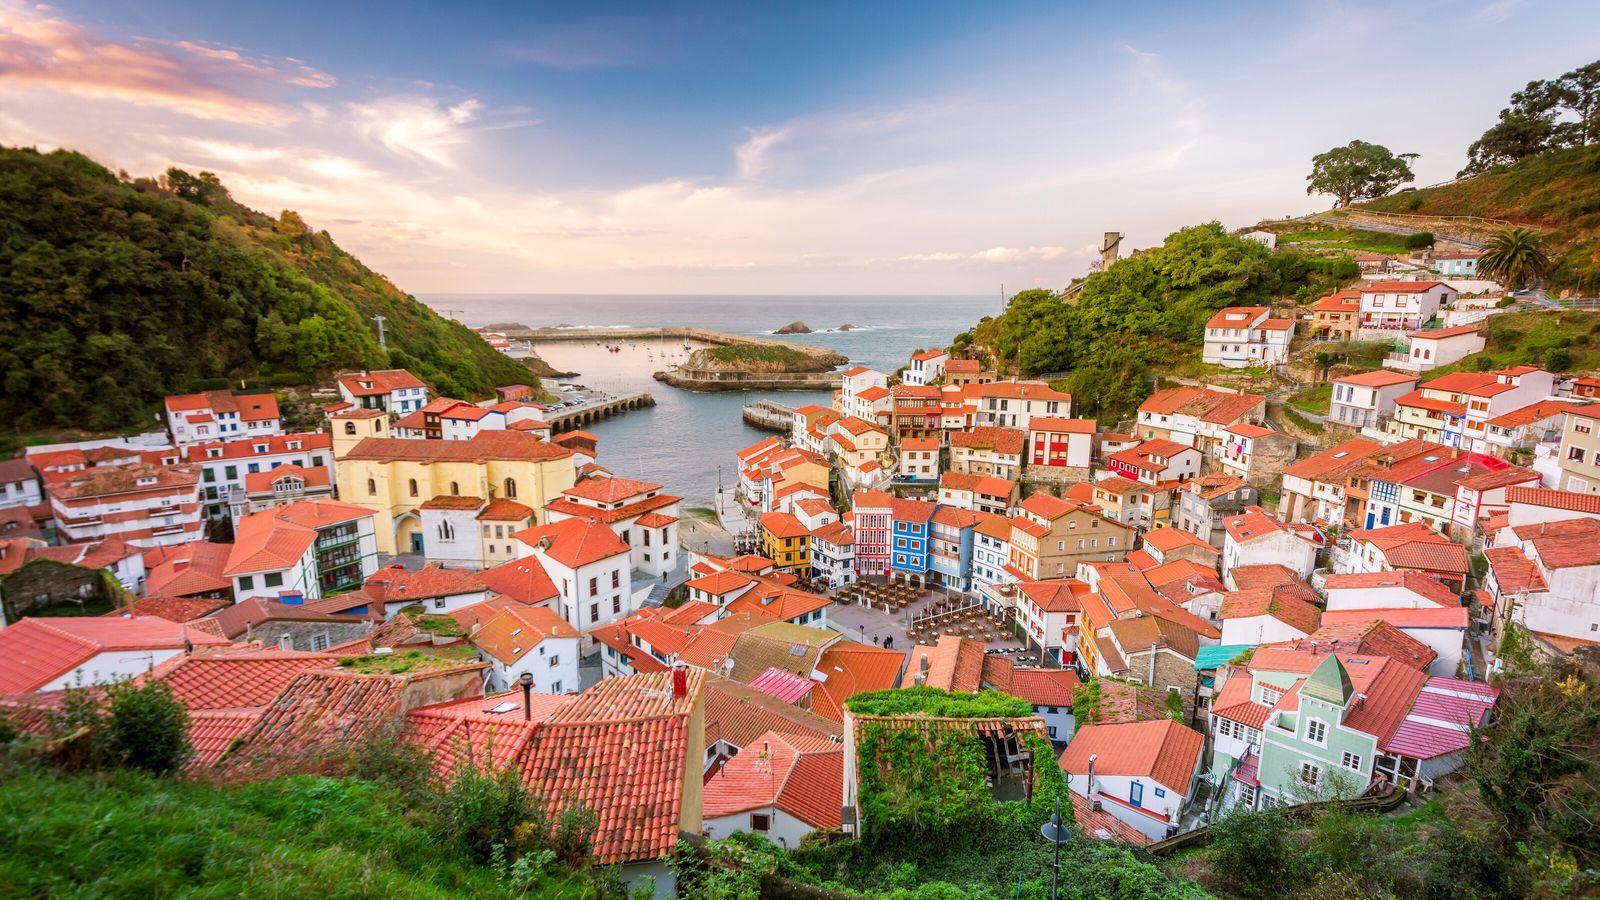 Connu pour ses maisons à flanc de falaise peintes de couleurs vives au-dessus d'une marina étincelante, ...